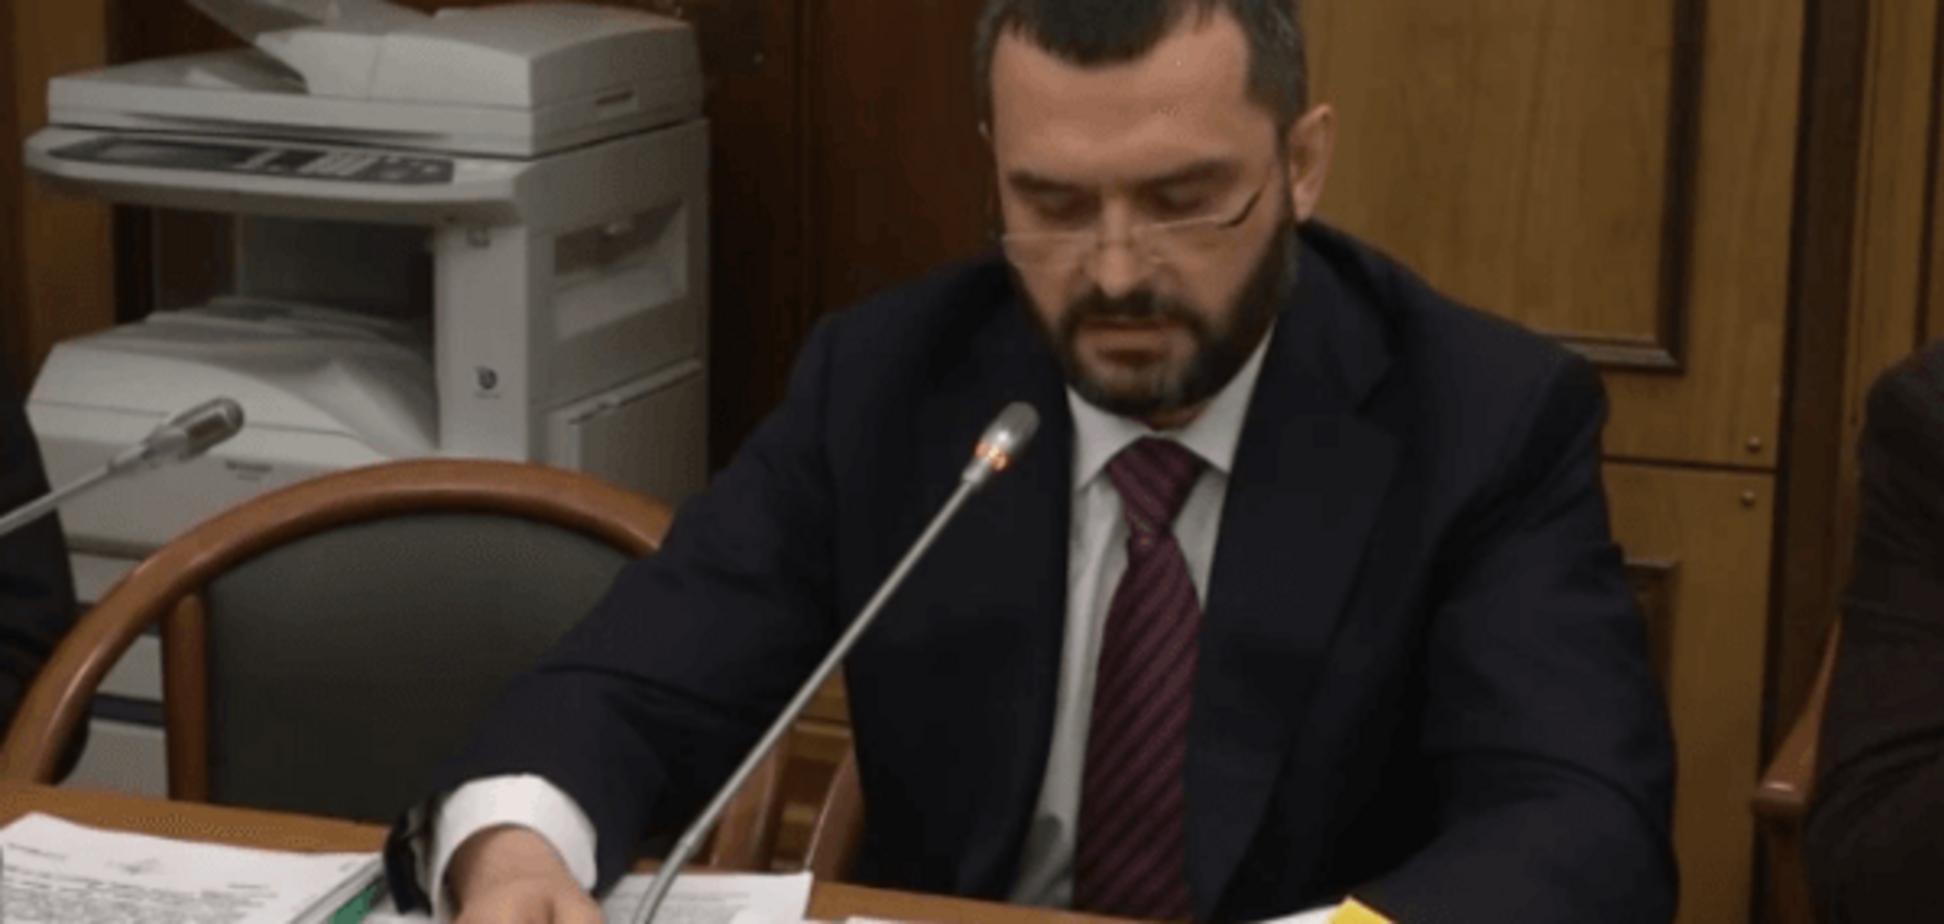 Ярош - найголовніший: Захарченко-втікач заявив, що Україна діє спільно з ІДІЛ. Відеофакт